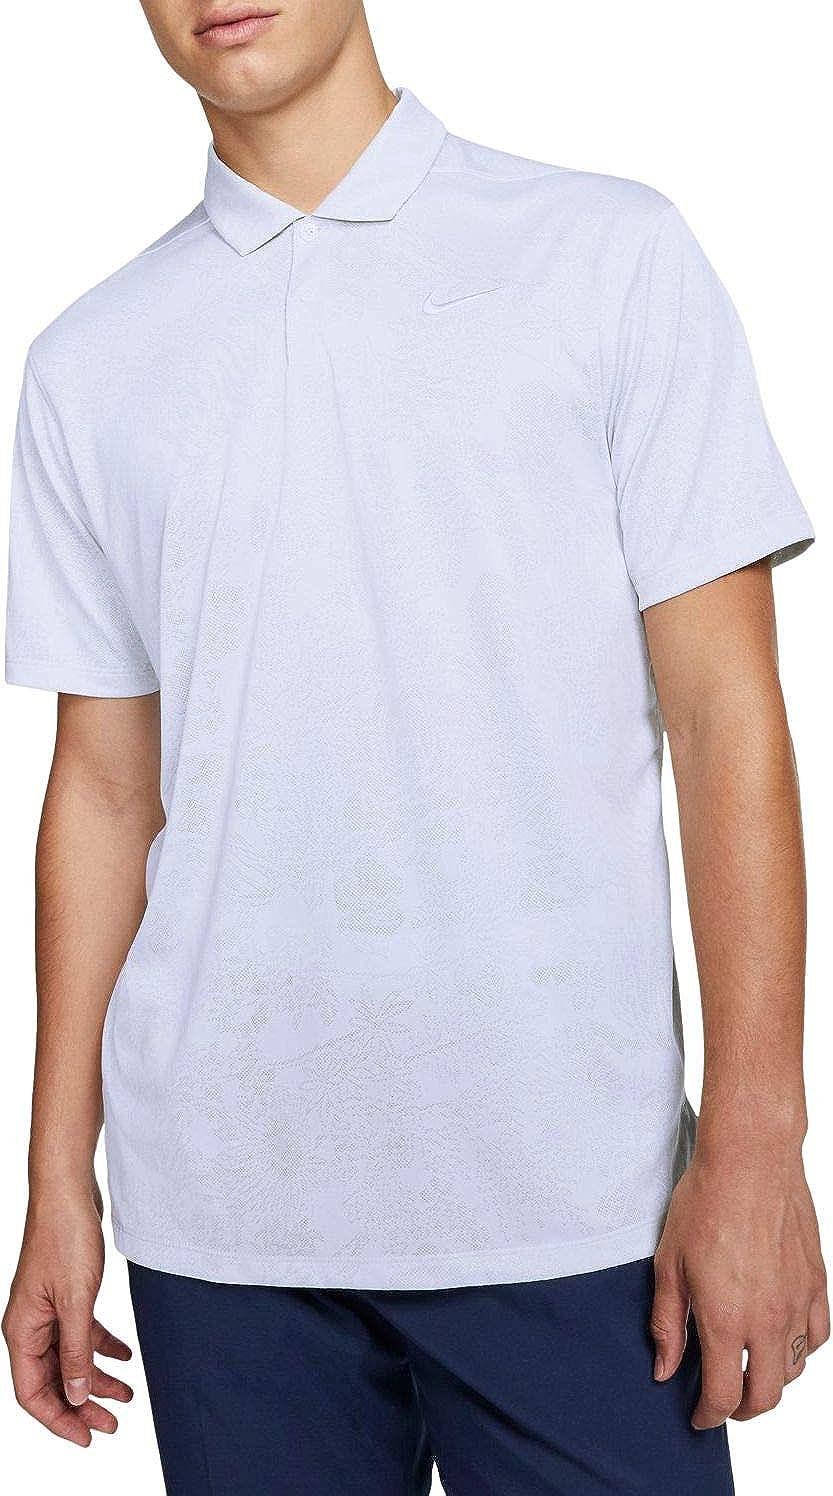 [ナイキ] メンズ シャツ Nike Men's Vapor Jacquard Golf Polo [並行輸入品] XXL  B07TF7K4RQ